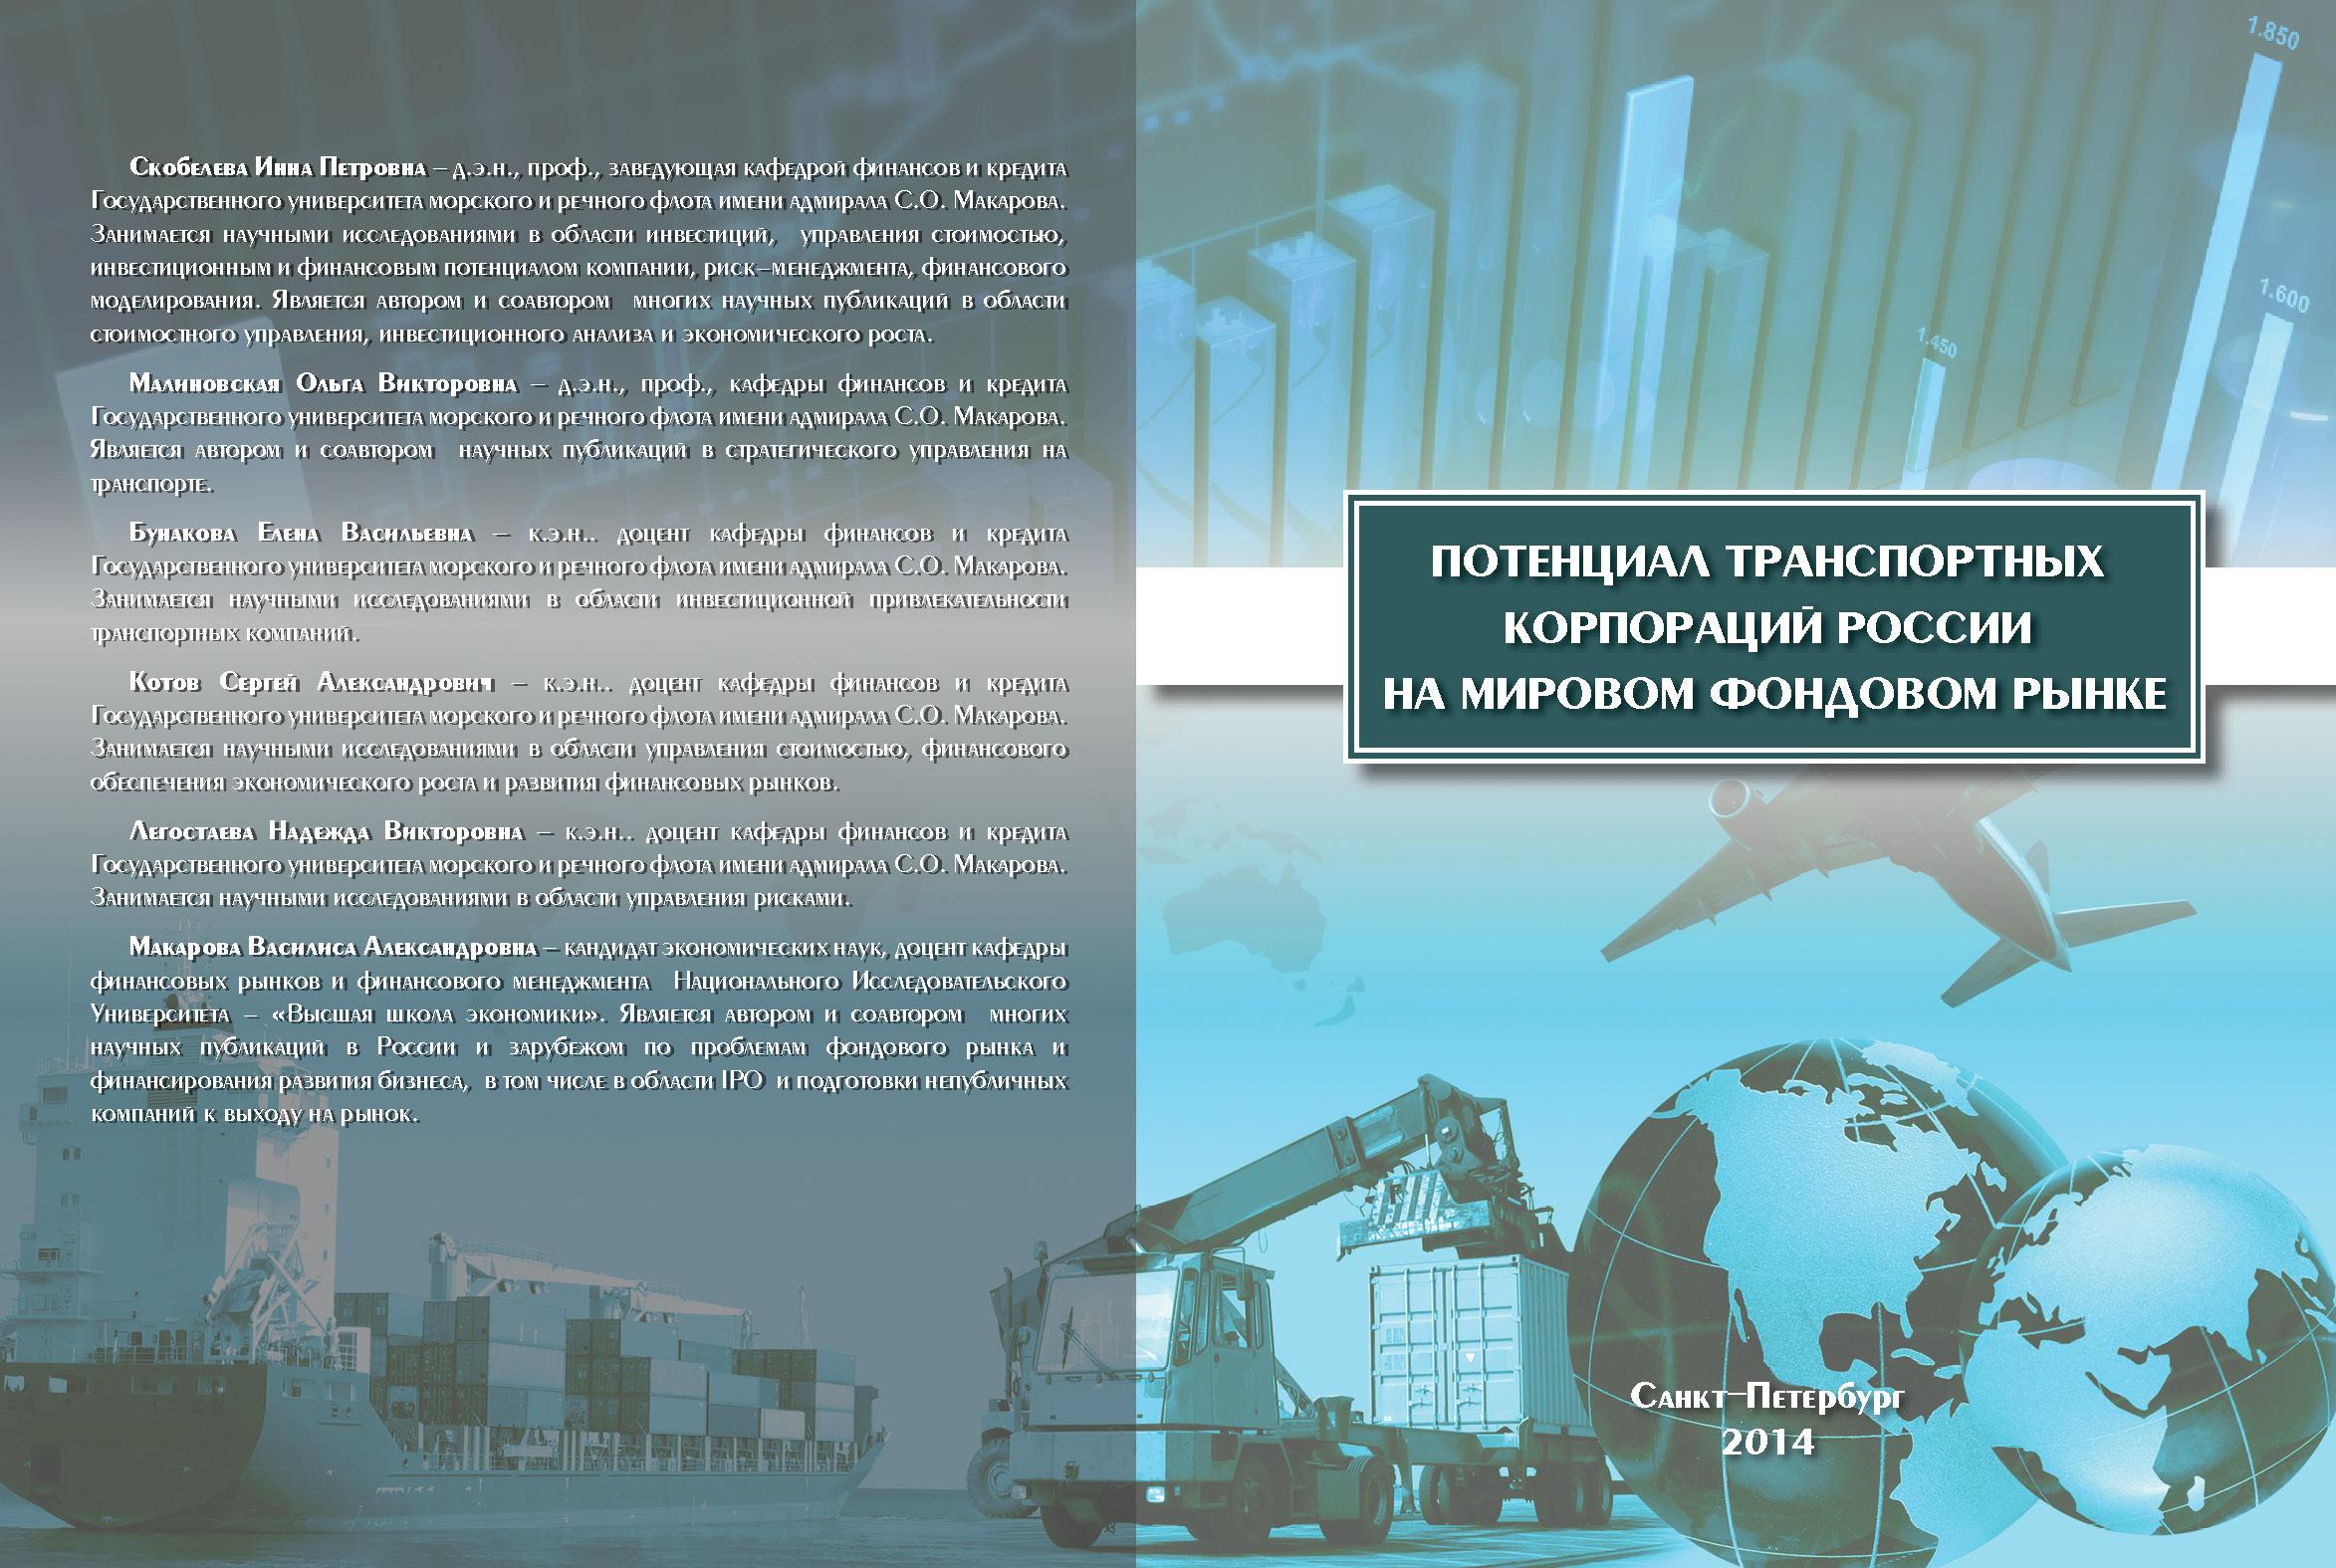 Потенциал транспортных корпораций России на мировом фондовом рынке